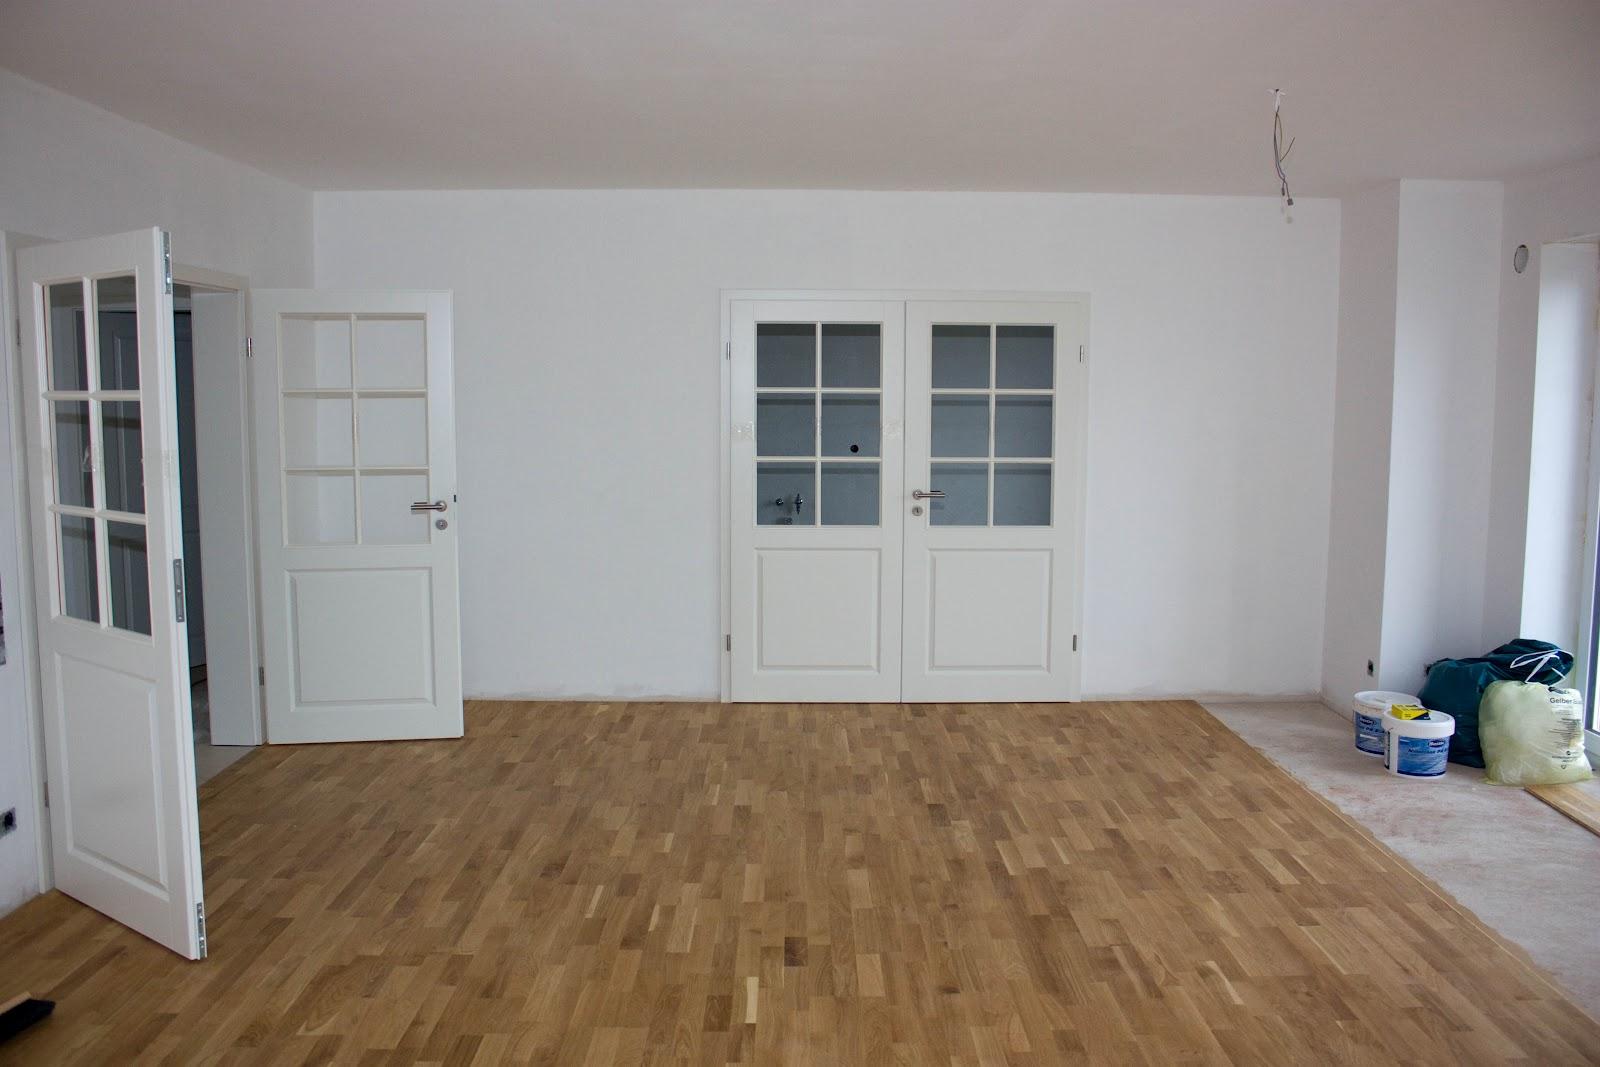 familie blankenburg baut in nienhagen. Black Bedroom Furniture Sets. Home Design Ideas